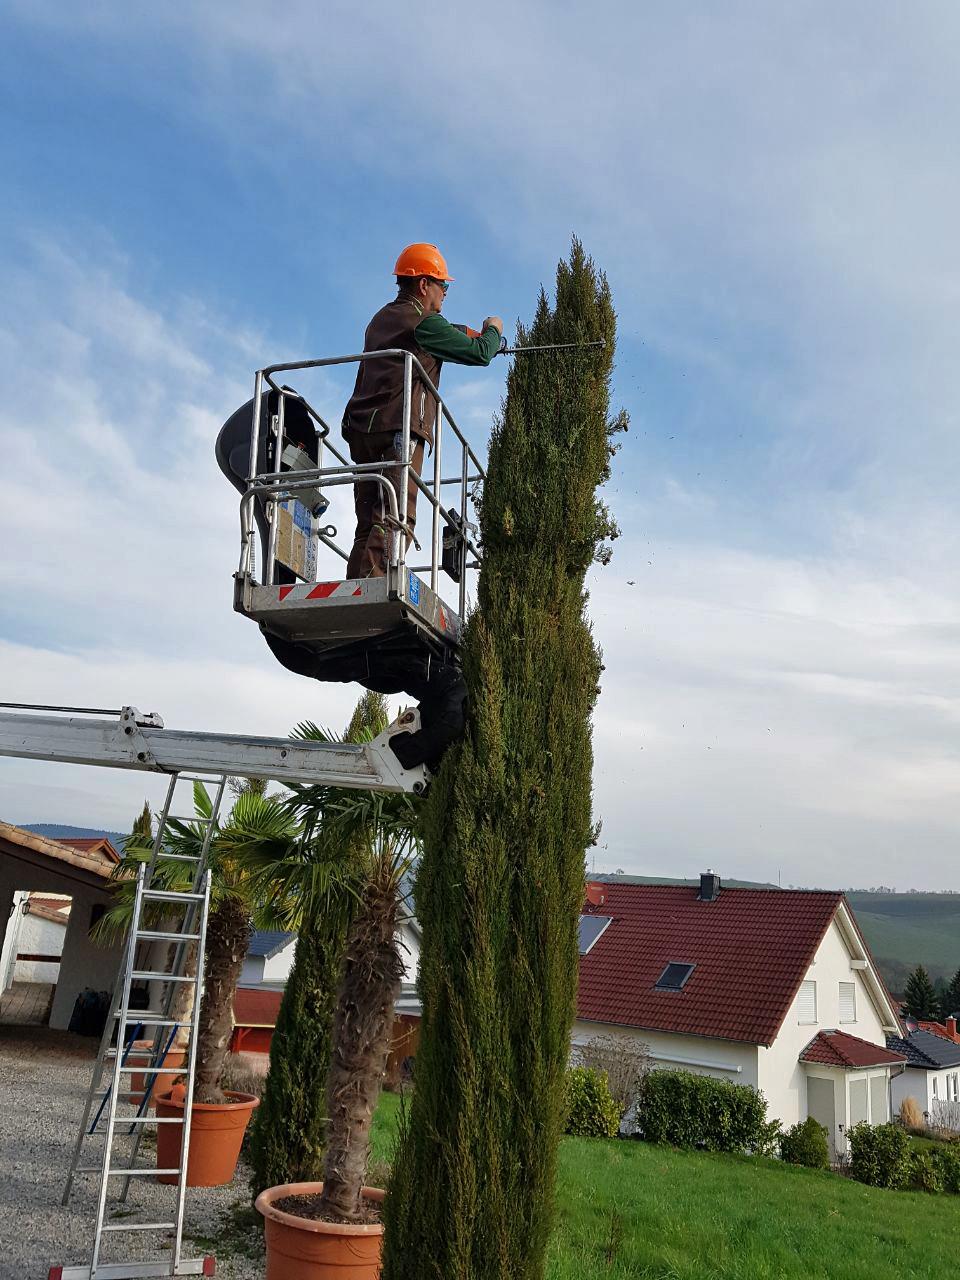 Gartenpflege - Baumschnitt - Rückschnitt - Strauch - Baum - Kirn - Merxheim - Hochstetten-Dhaun - Monzingen Staudernheim - Odernheim - Bad Sobernheim - Bad Kreuznach - Bad Münster - Meisenheim - Lauterecken - Gemünden - Simmertal - Idar-Oberstein